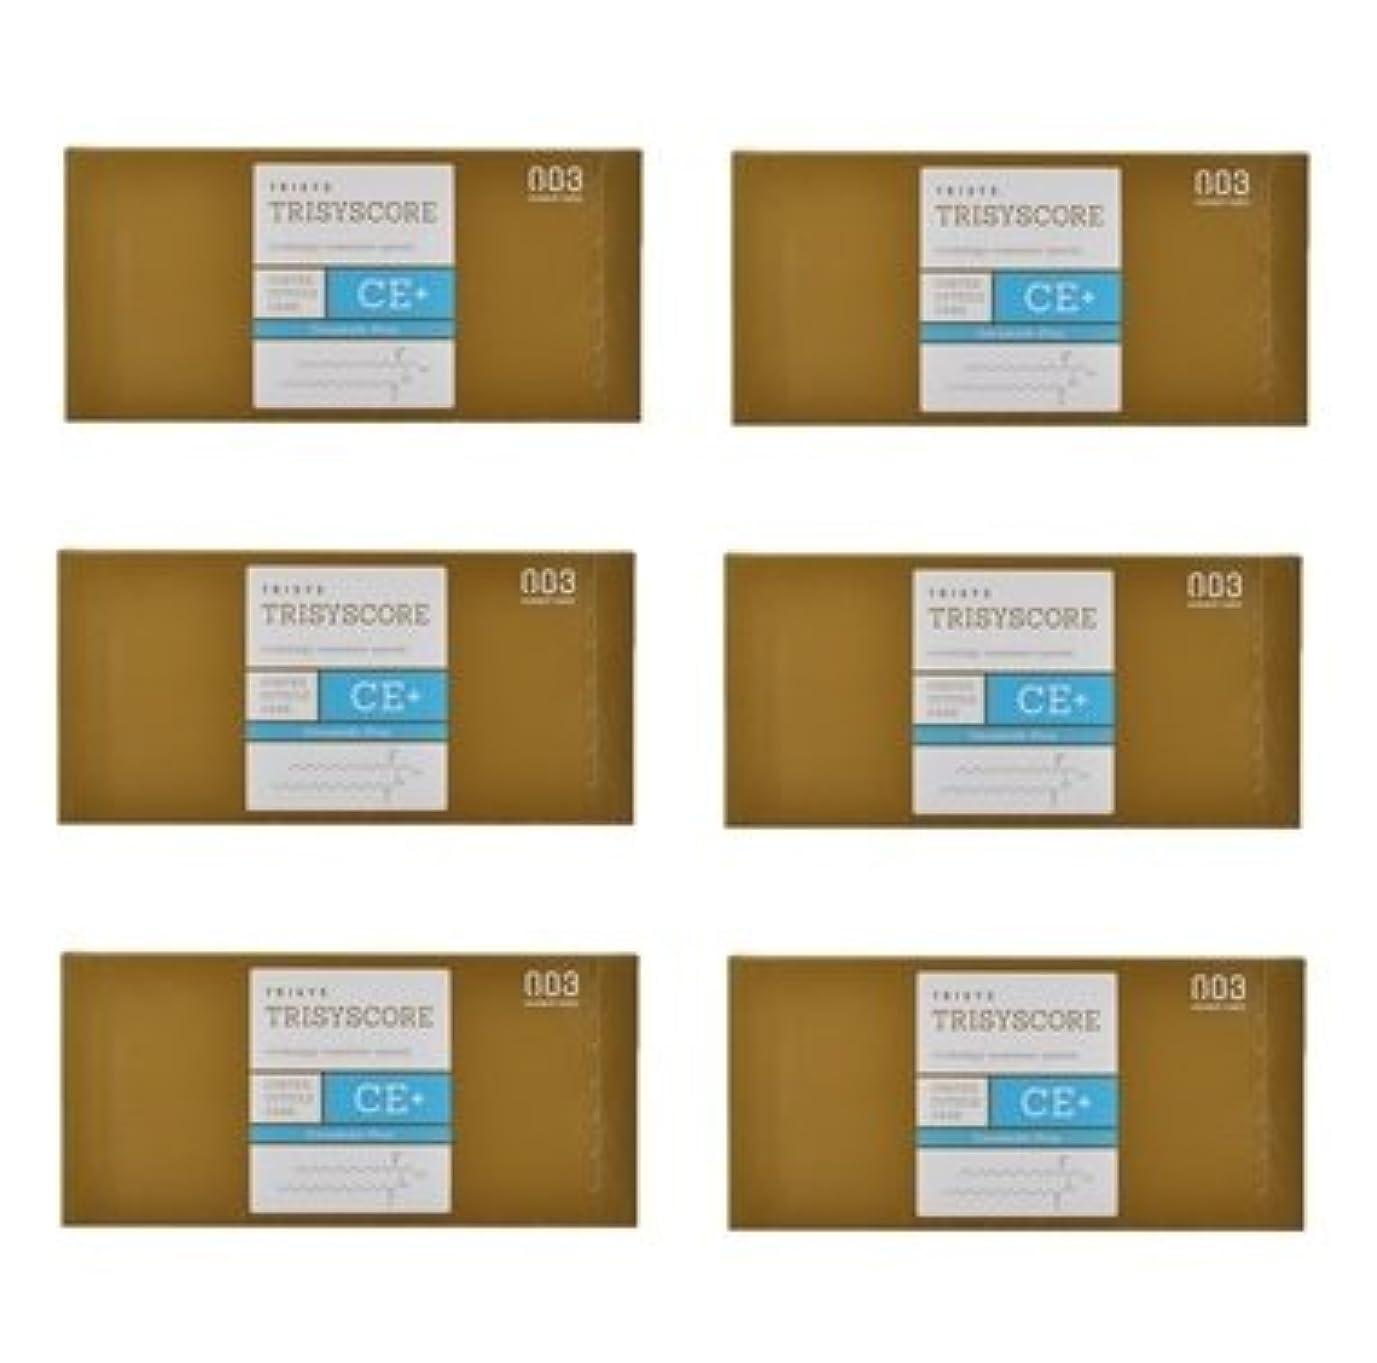 カバー化学薬品一掃する【X6個セット】ナンバースリー トリシスコア CEプラス (ヘアトリートメント) 12g × 4包入り